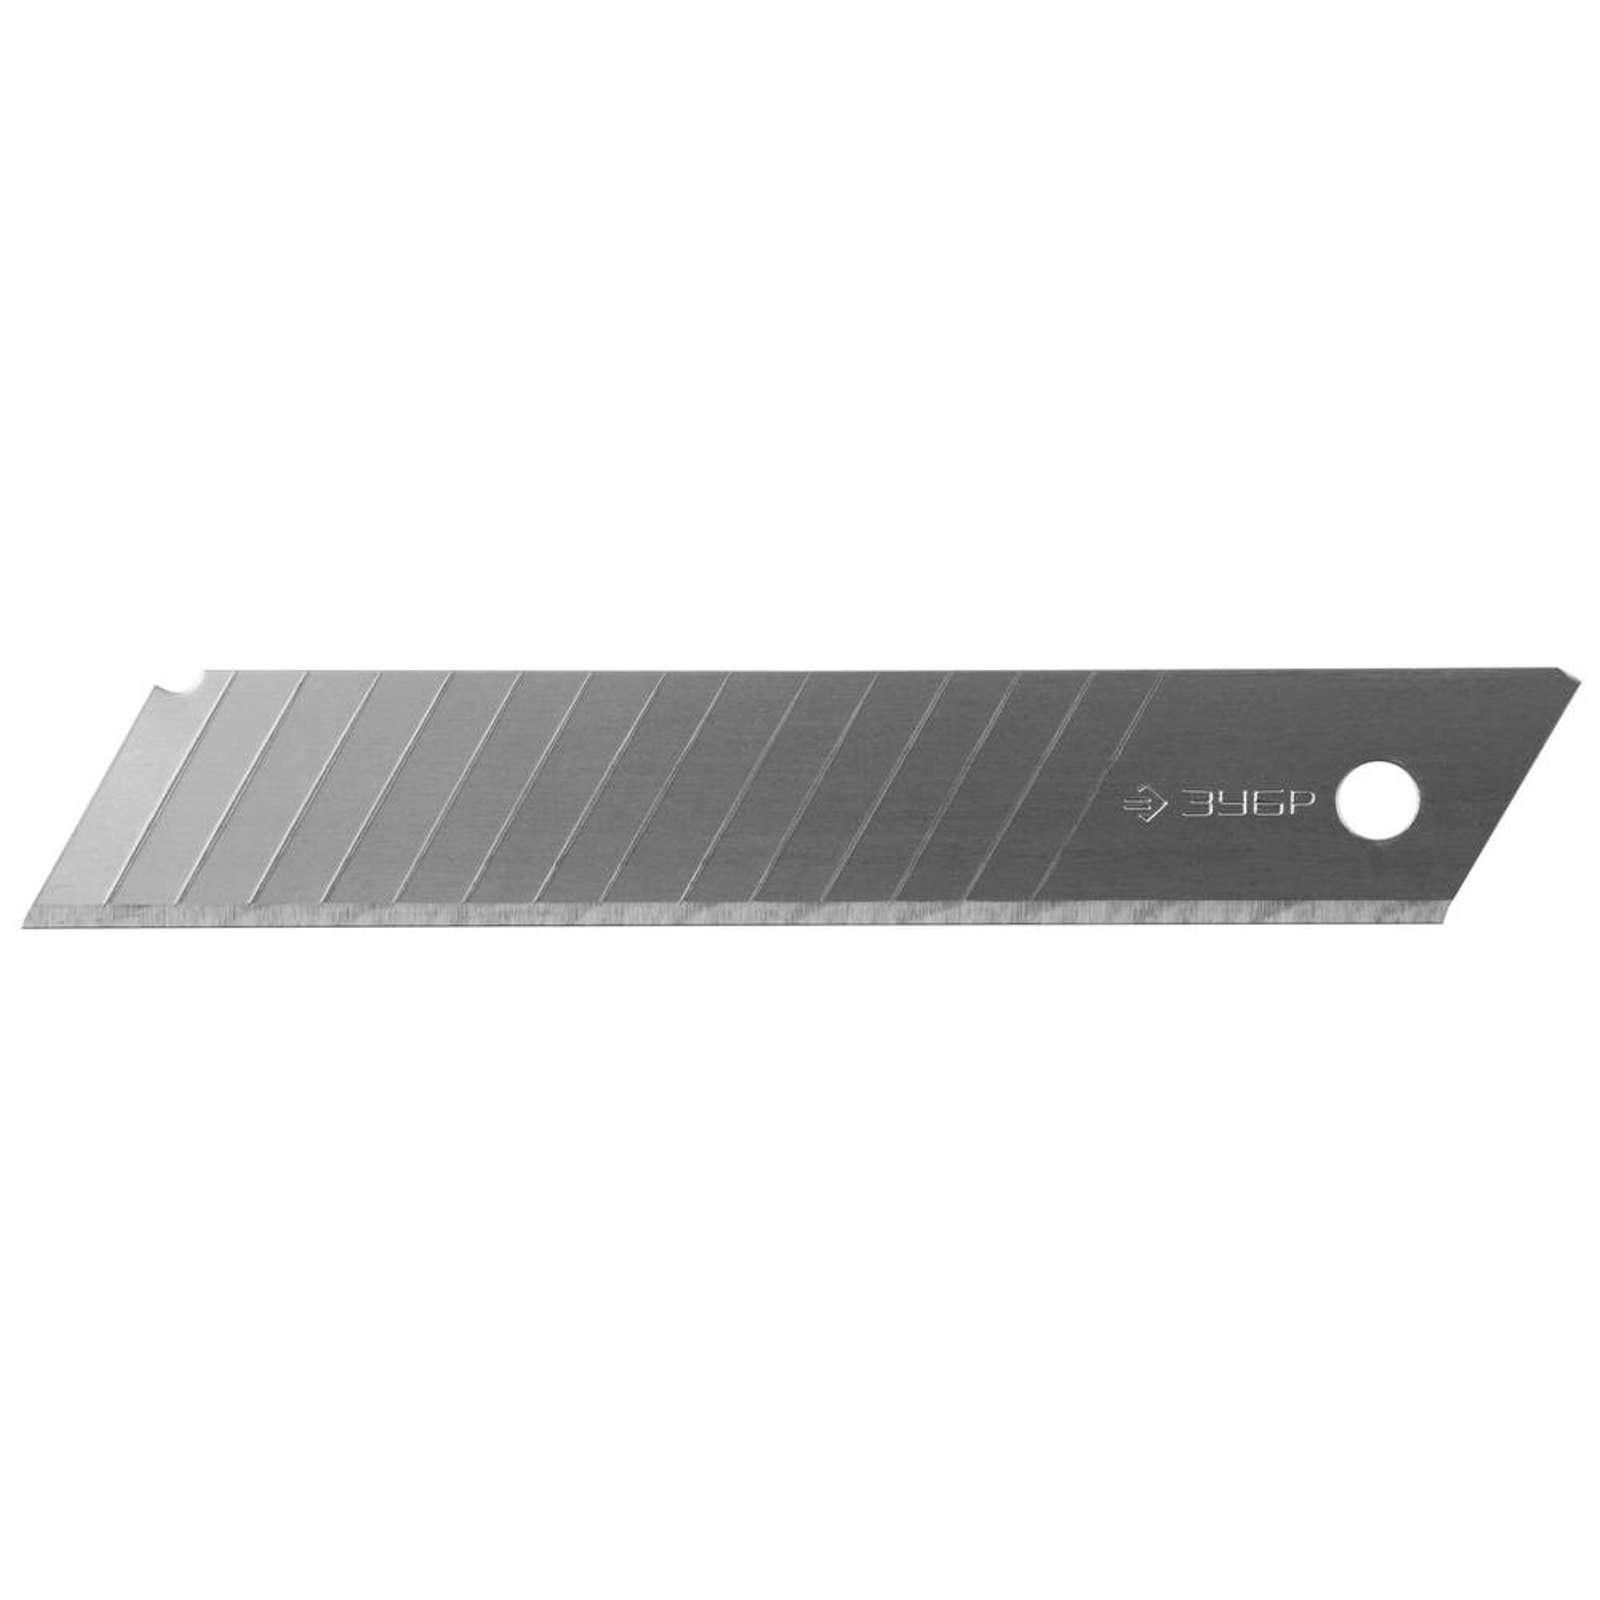 Лезвие сегментированное Зубр Мастер, 15 сегментов, 18 мм, 10 шт